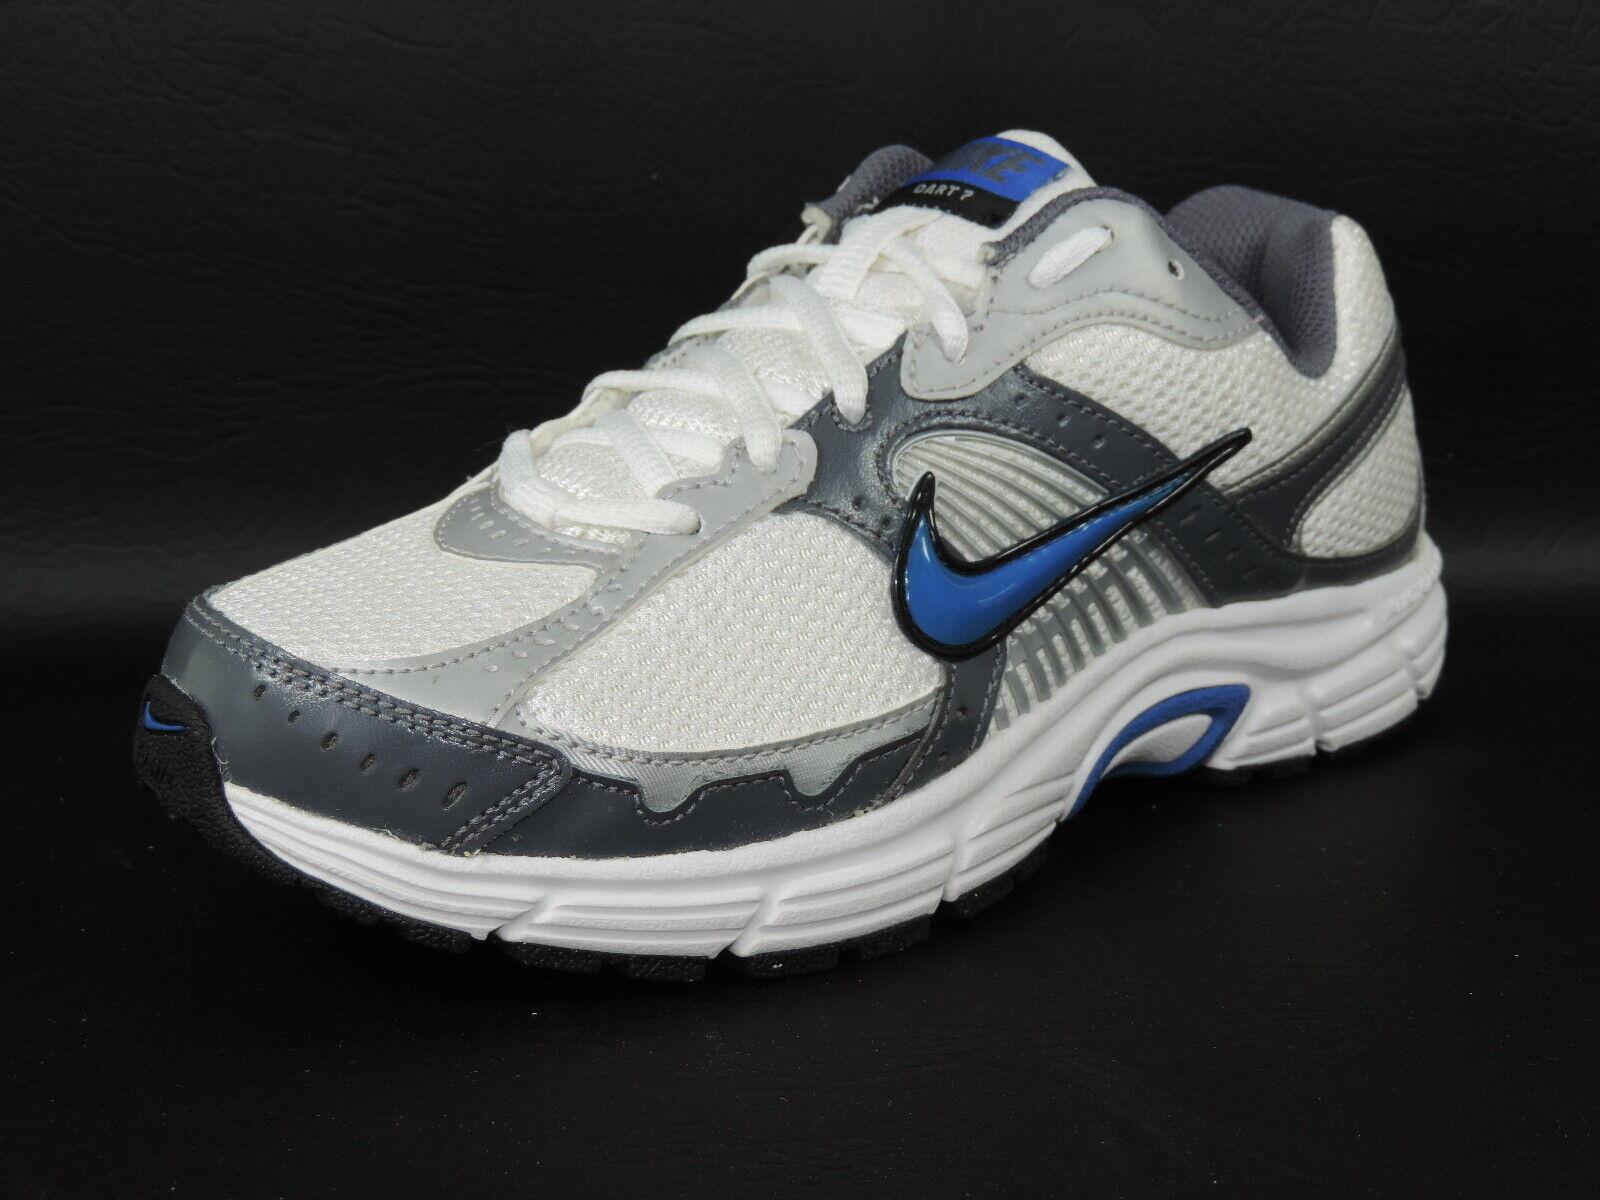 Nike Mens Shoes Dart VII Running